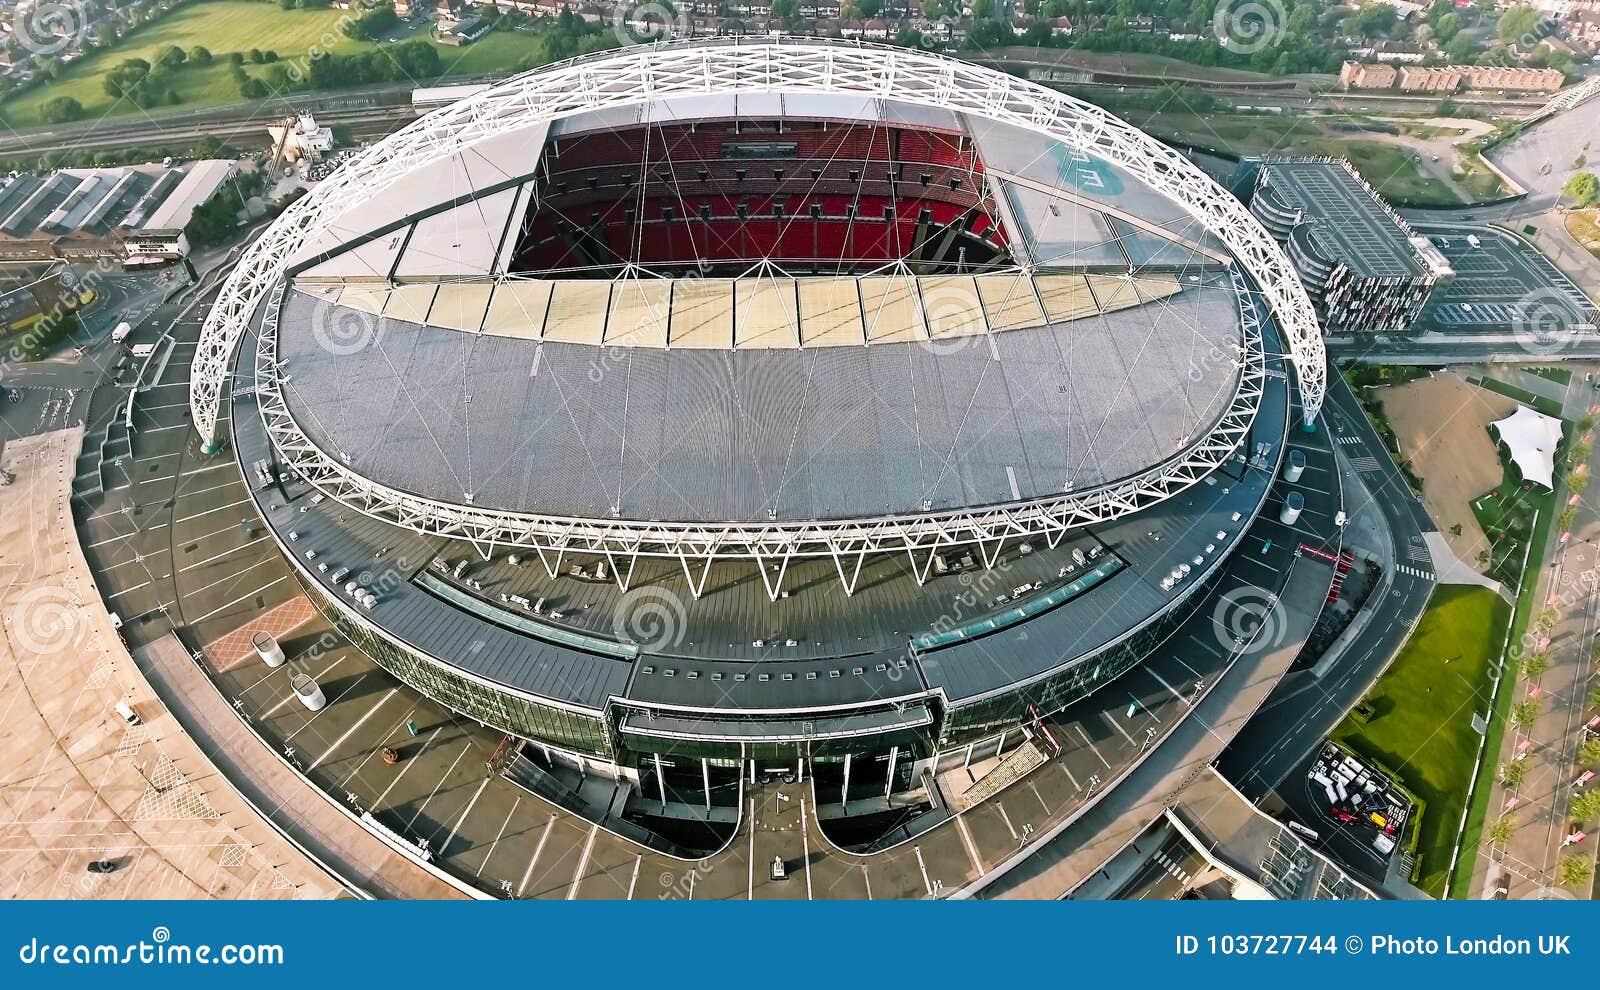 Wembley Stadium In London Vogelperspektive Foto Das Uber Ikonenhafte Fussball Arena Fliegt Redaktionelles Stockbild Bild Von Europa Hintergrund 103727744